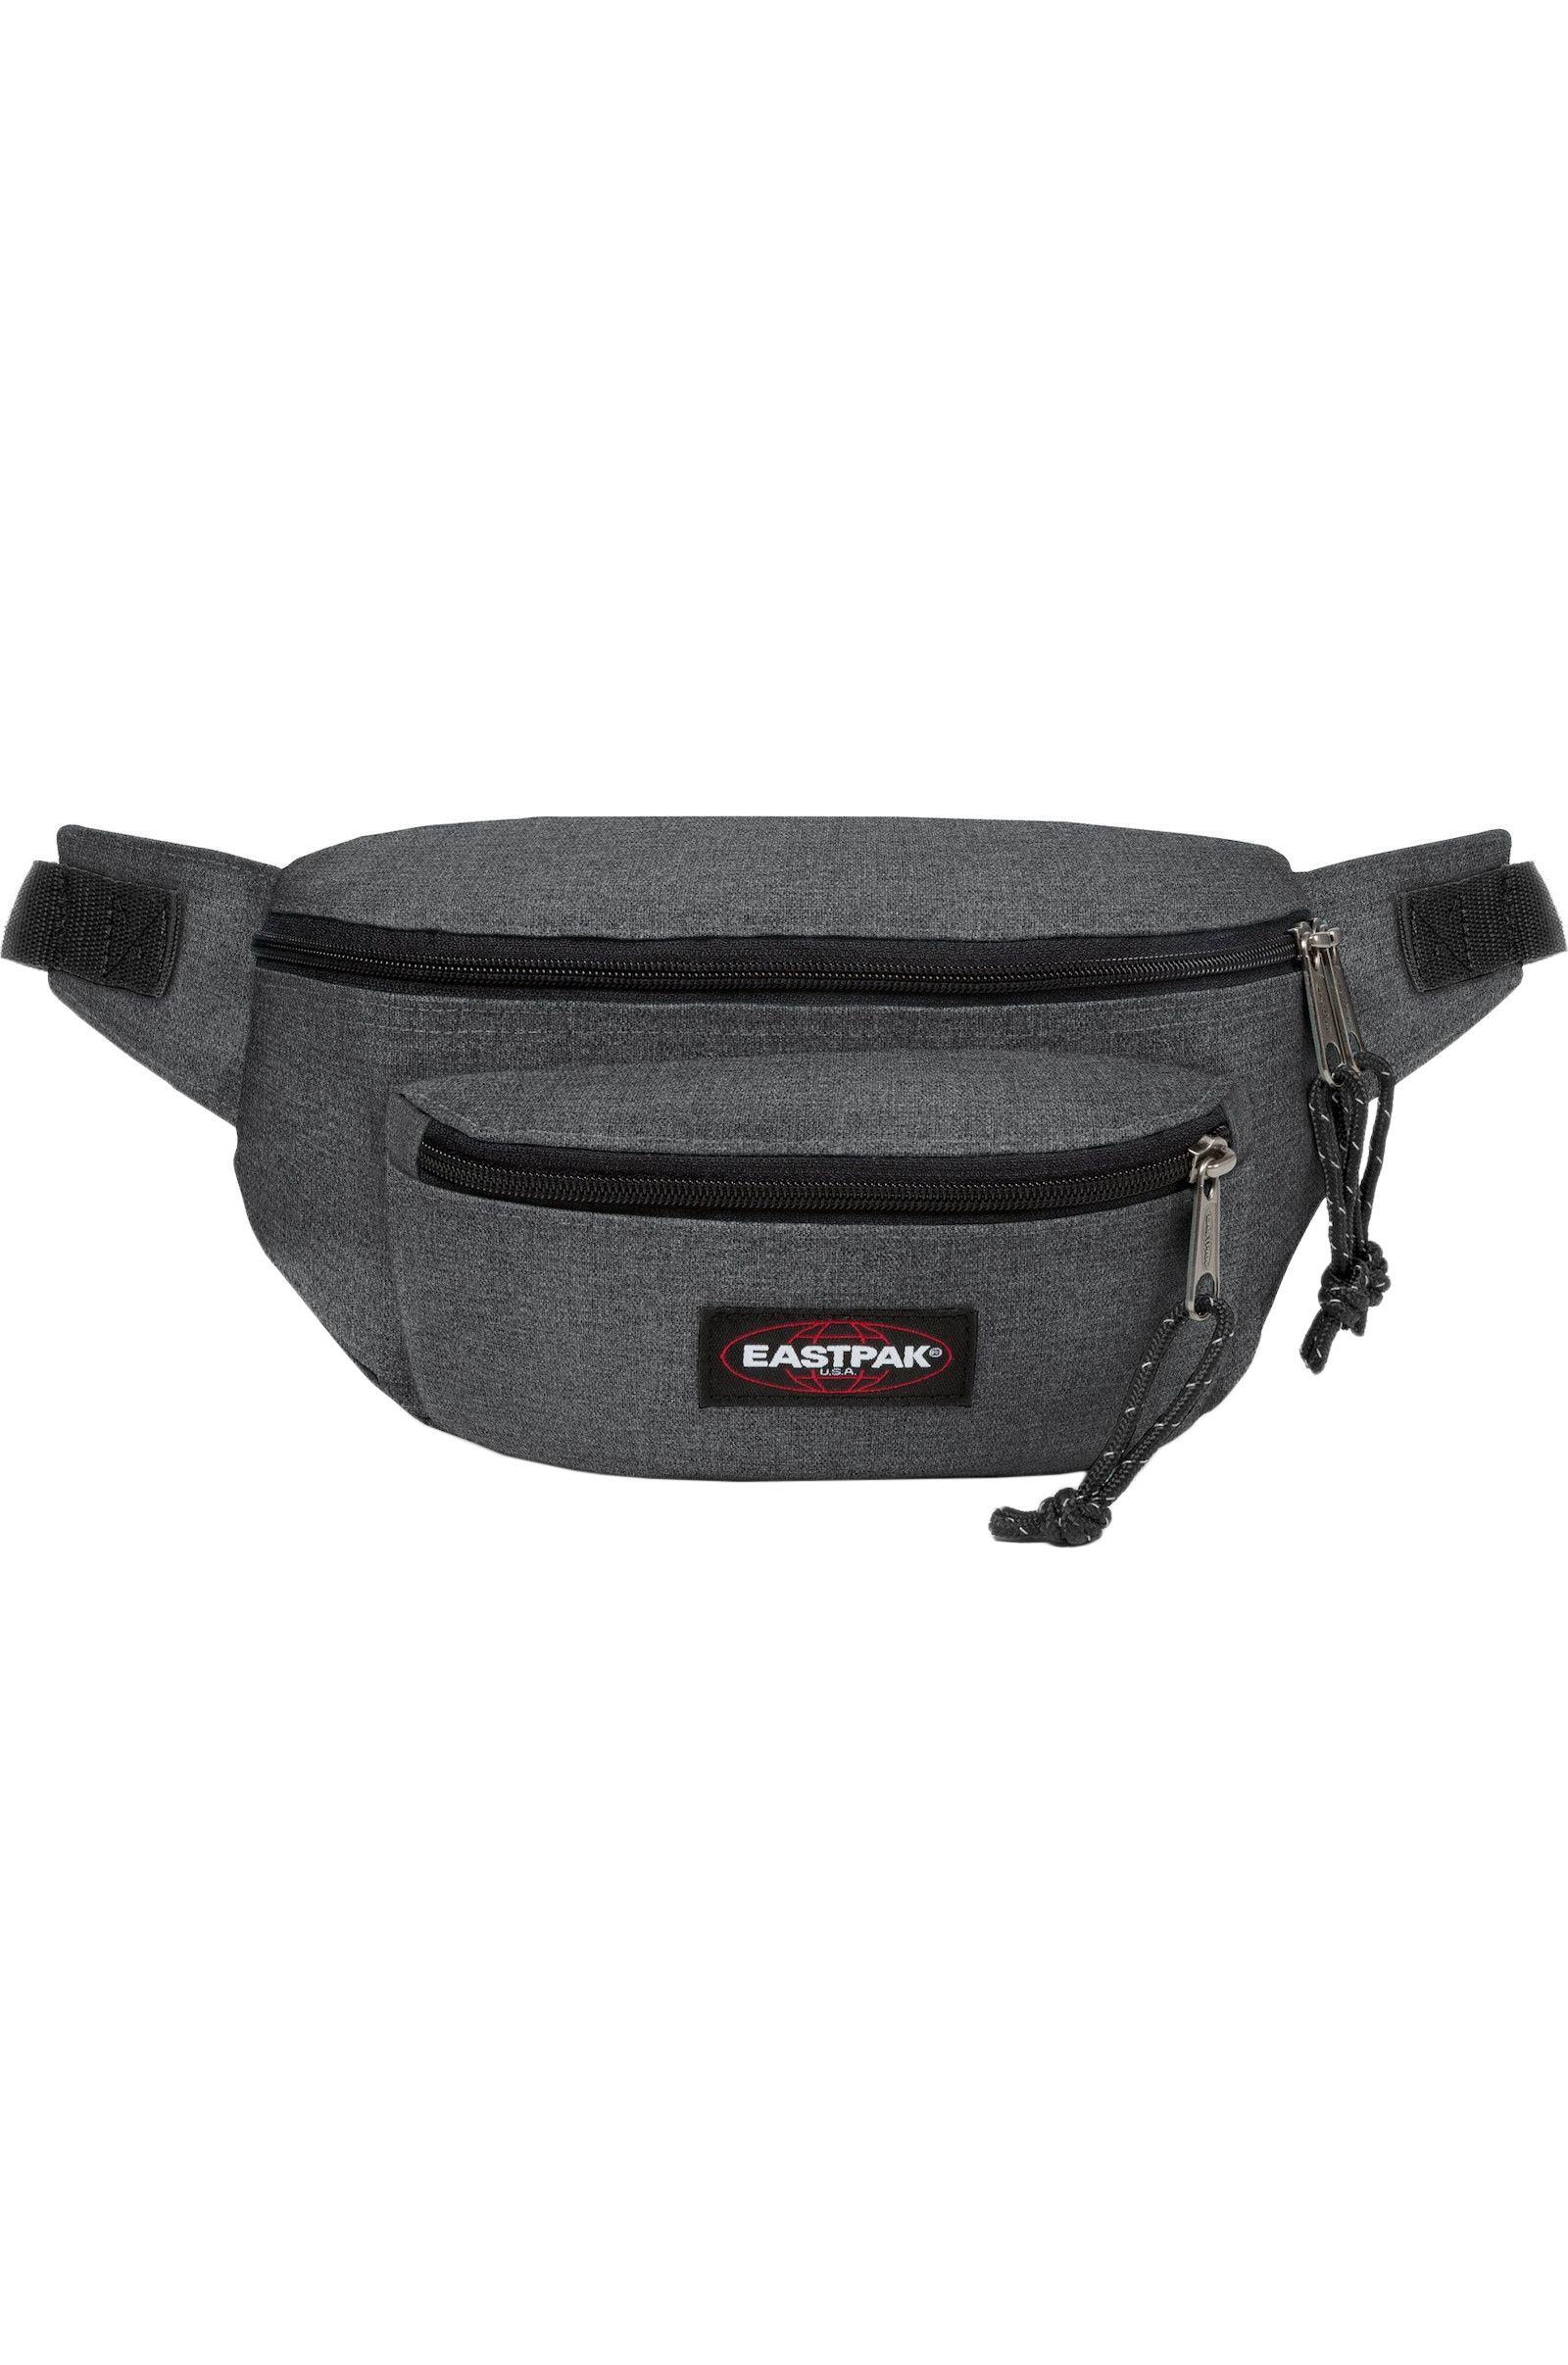 Eastpak Waist Bag DOGGY BAG Black Denim